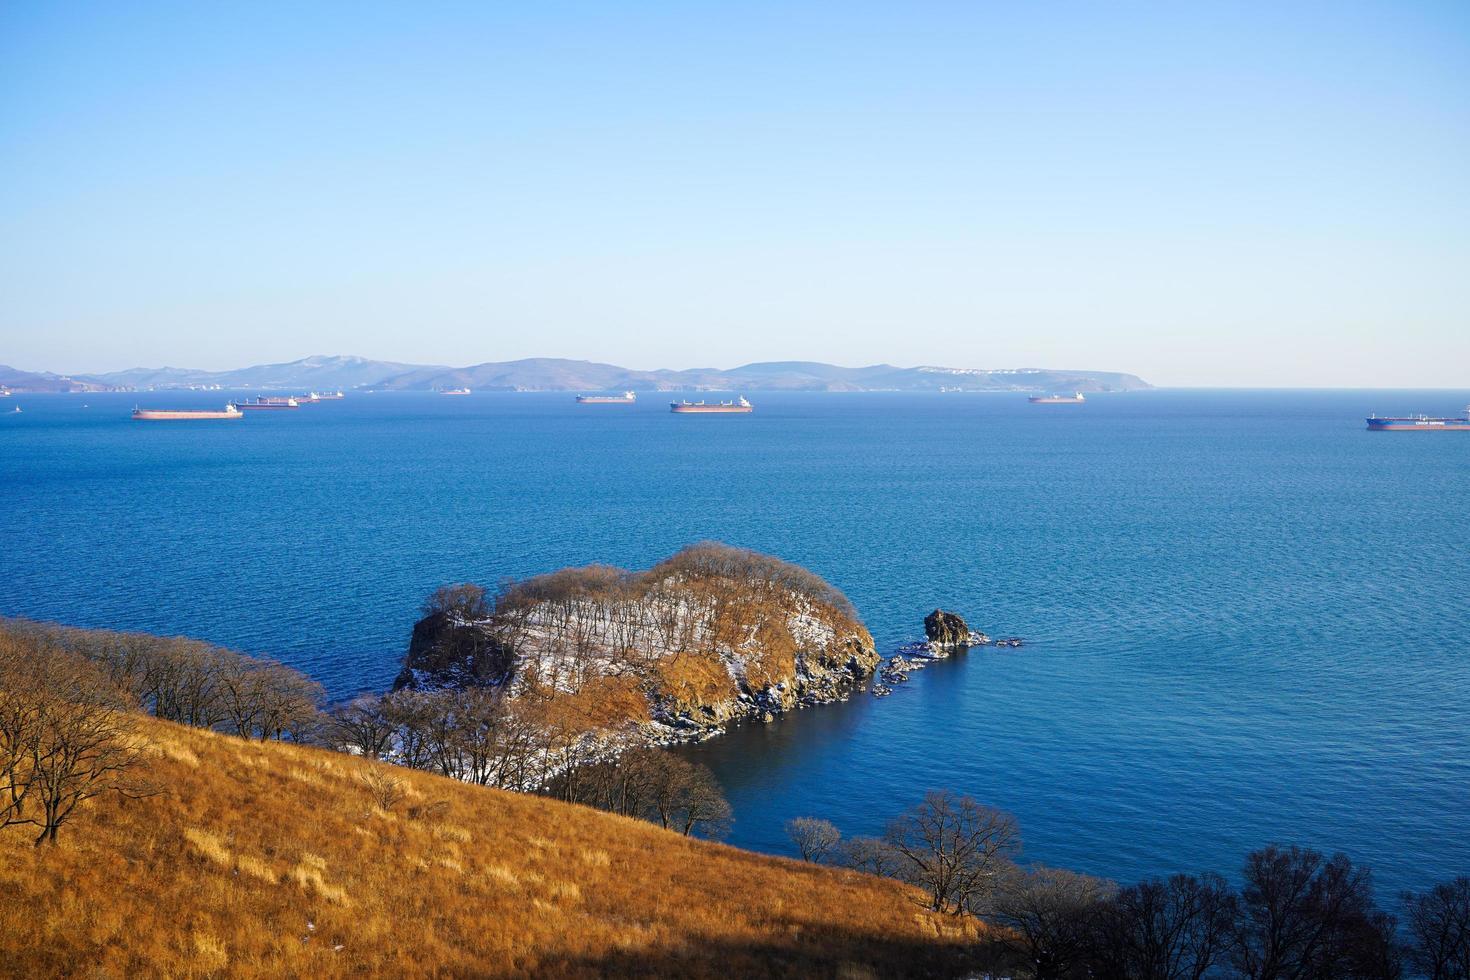 marinmålning med utsikt över Nakhodka-bukten och fartyg foto